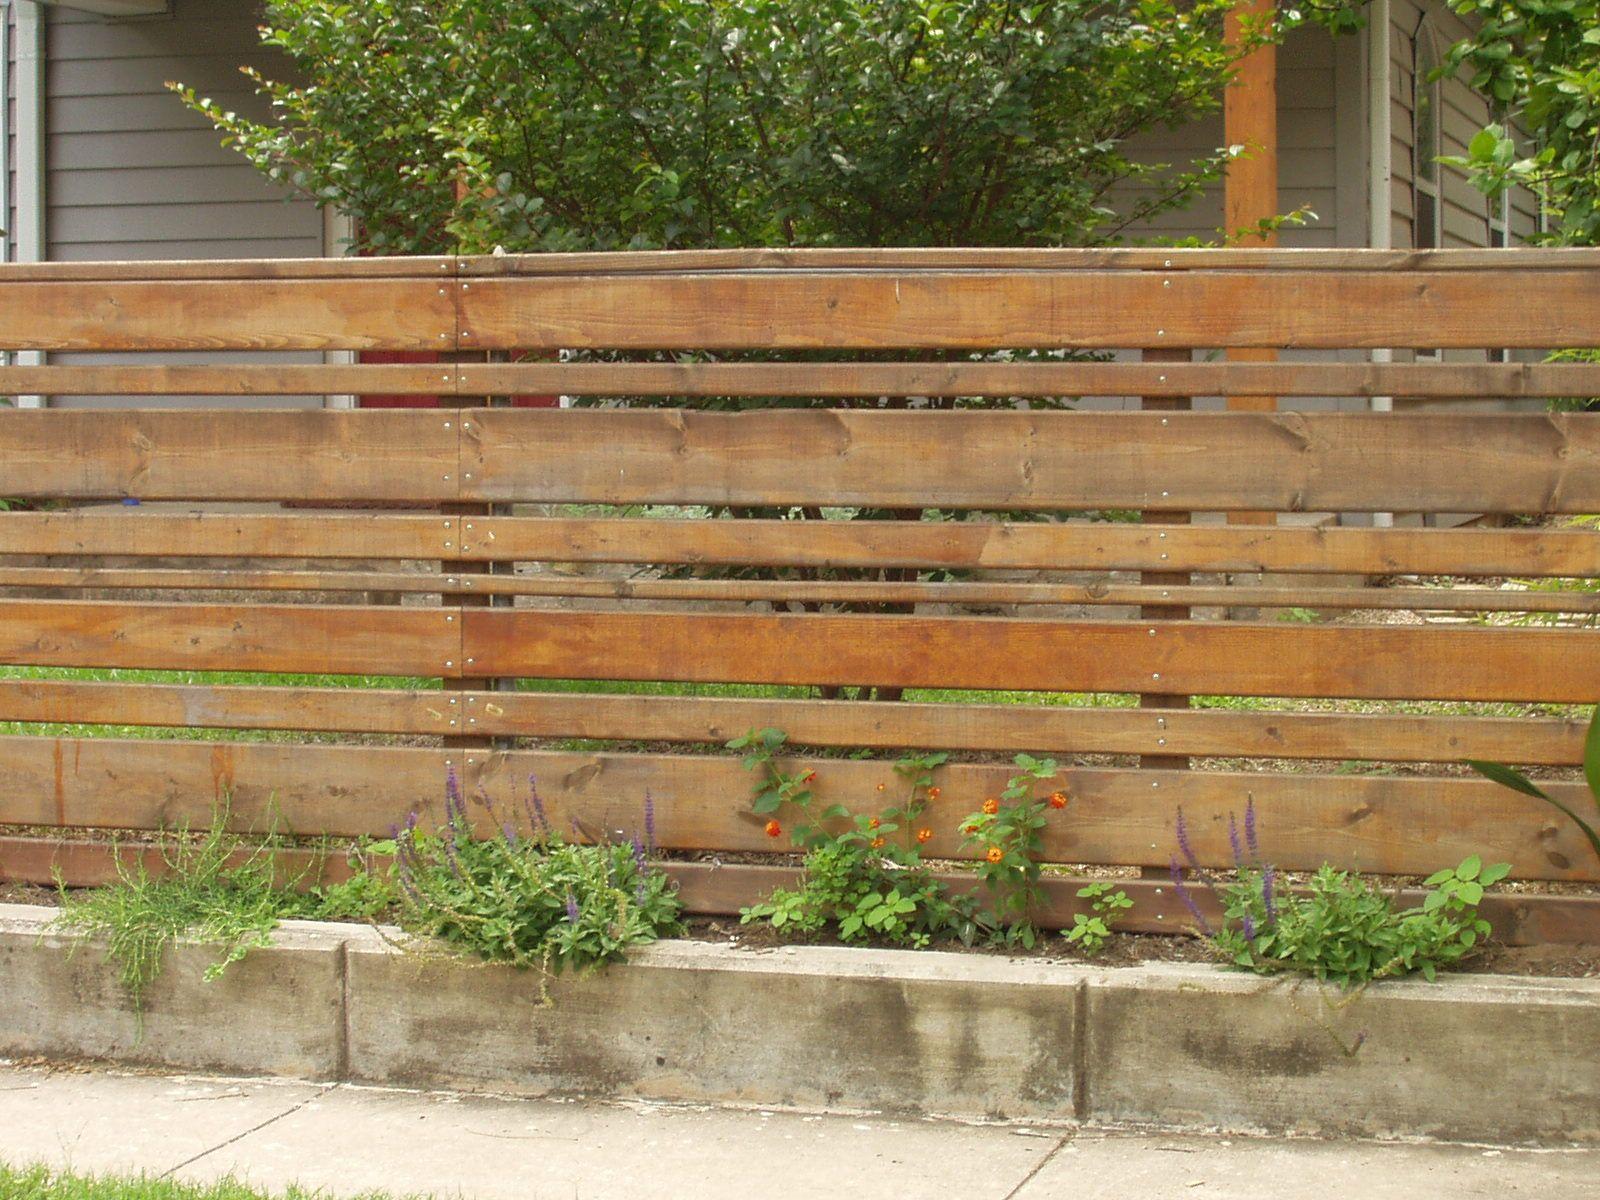 Horizontal wood slat fence with concrete base totally different horizontal wood slat fence with concrete base totally different feel than the traditional picket fence baanklon Choice Image